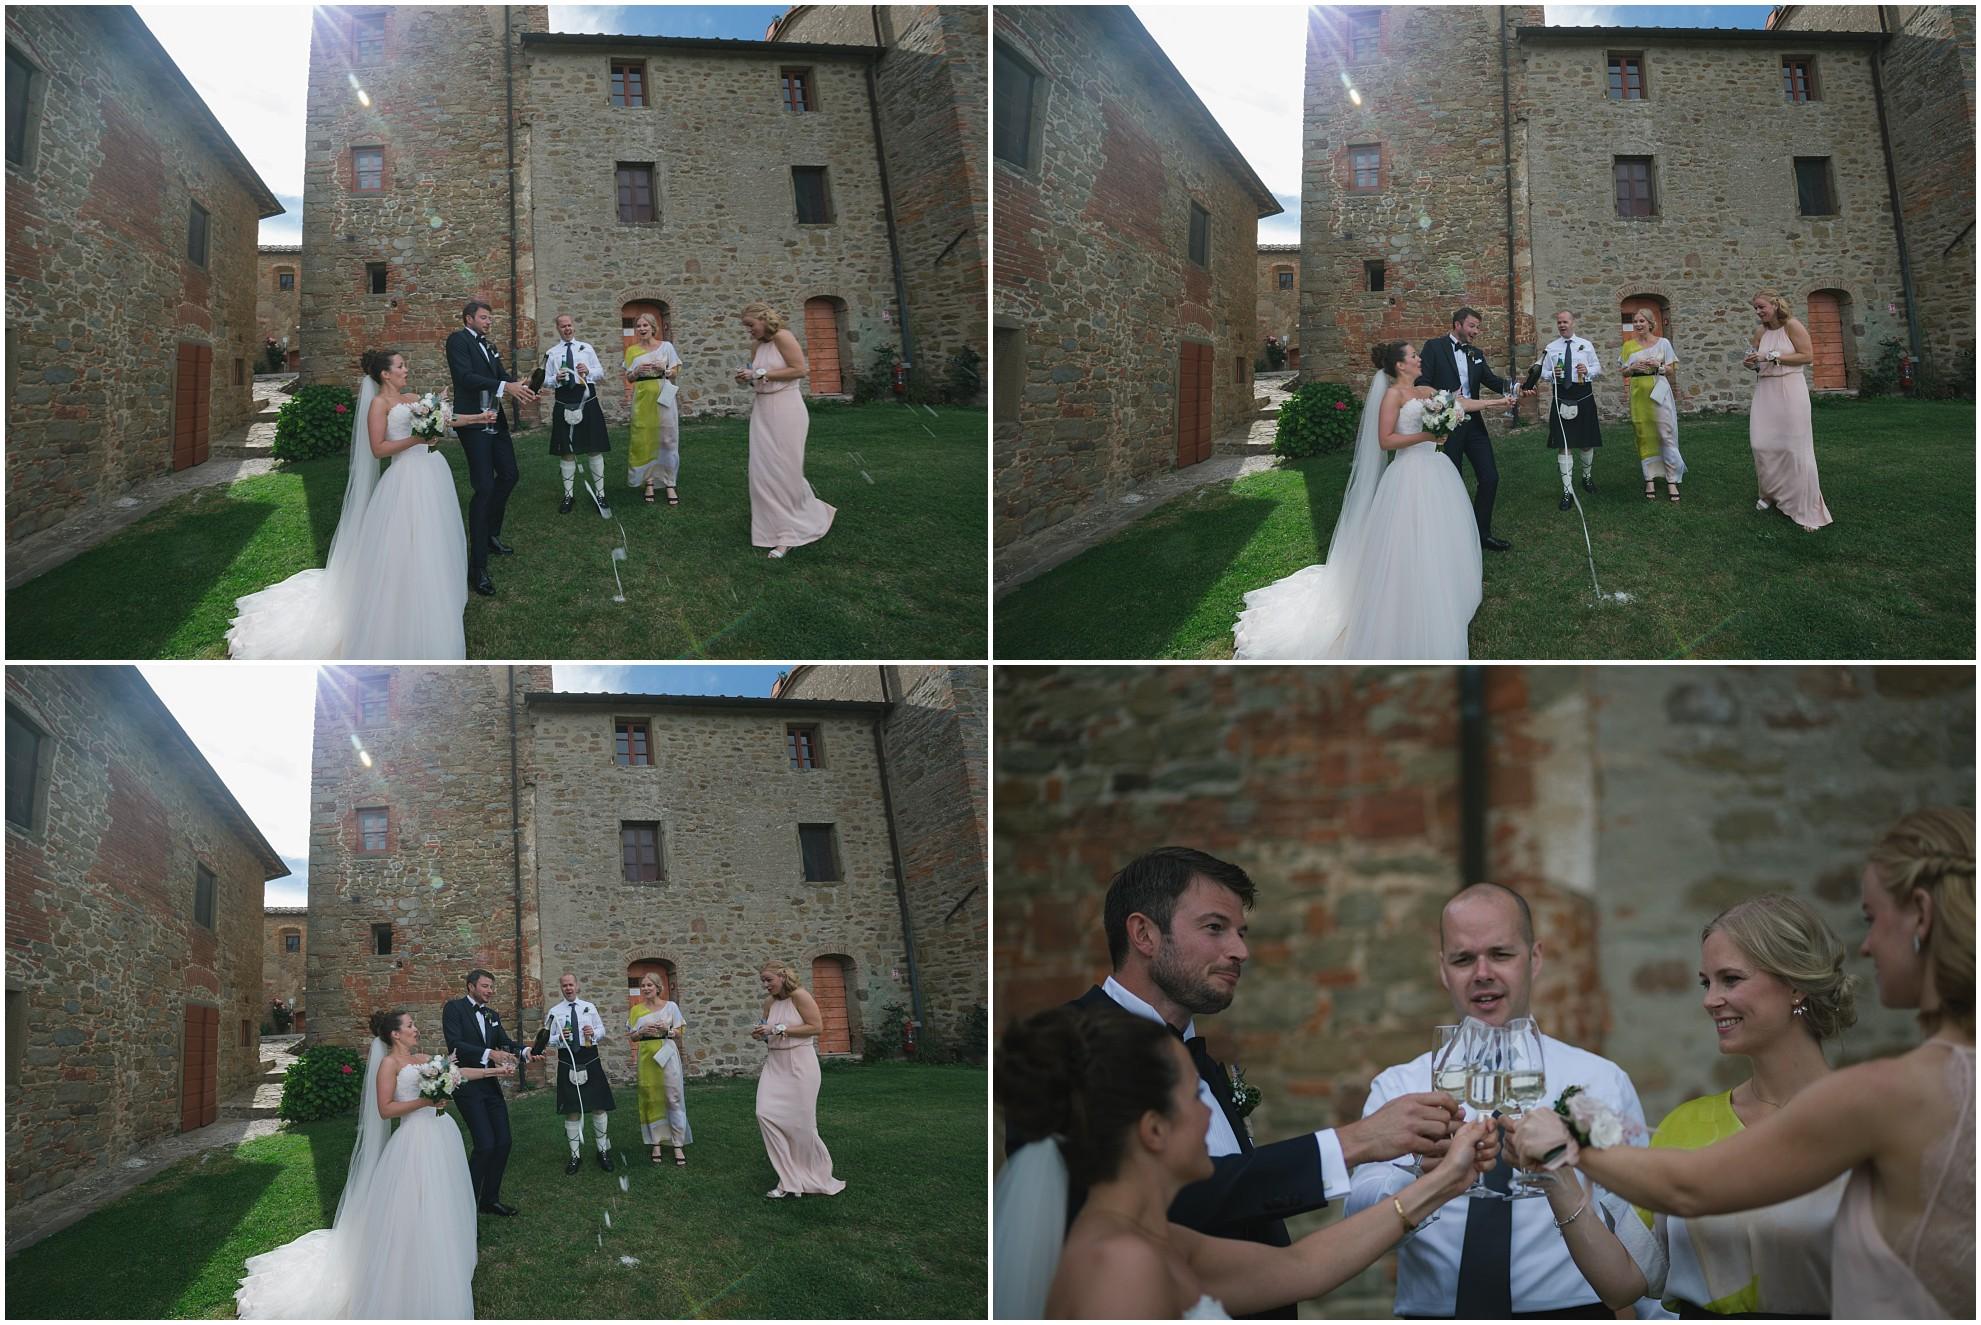 tuscany-wedding-photographer-051